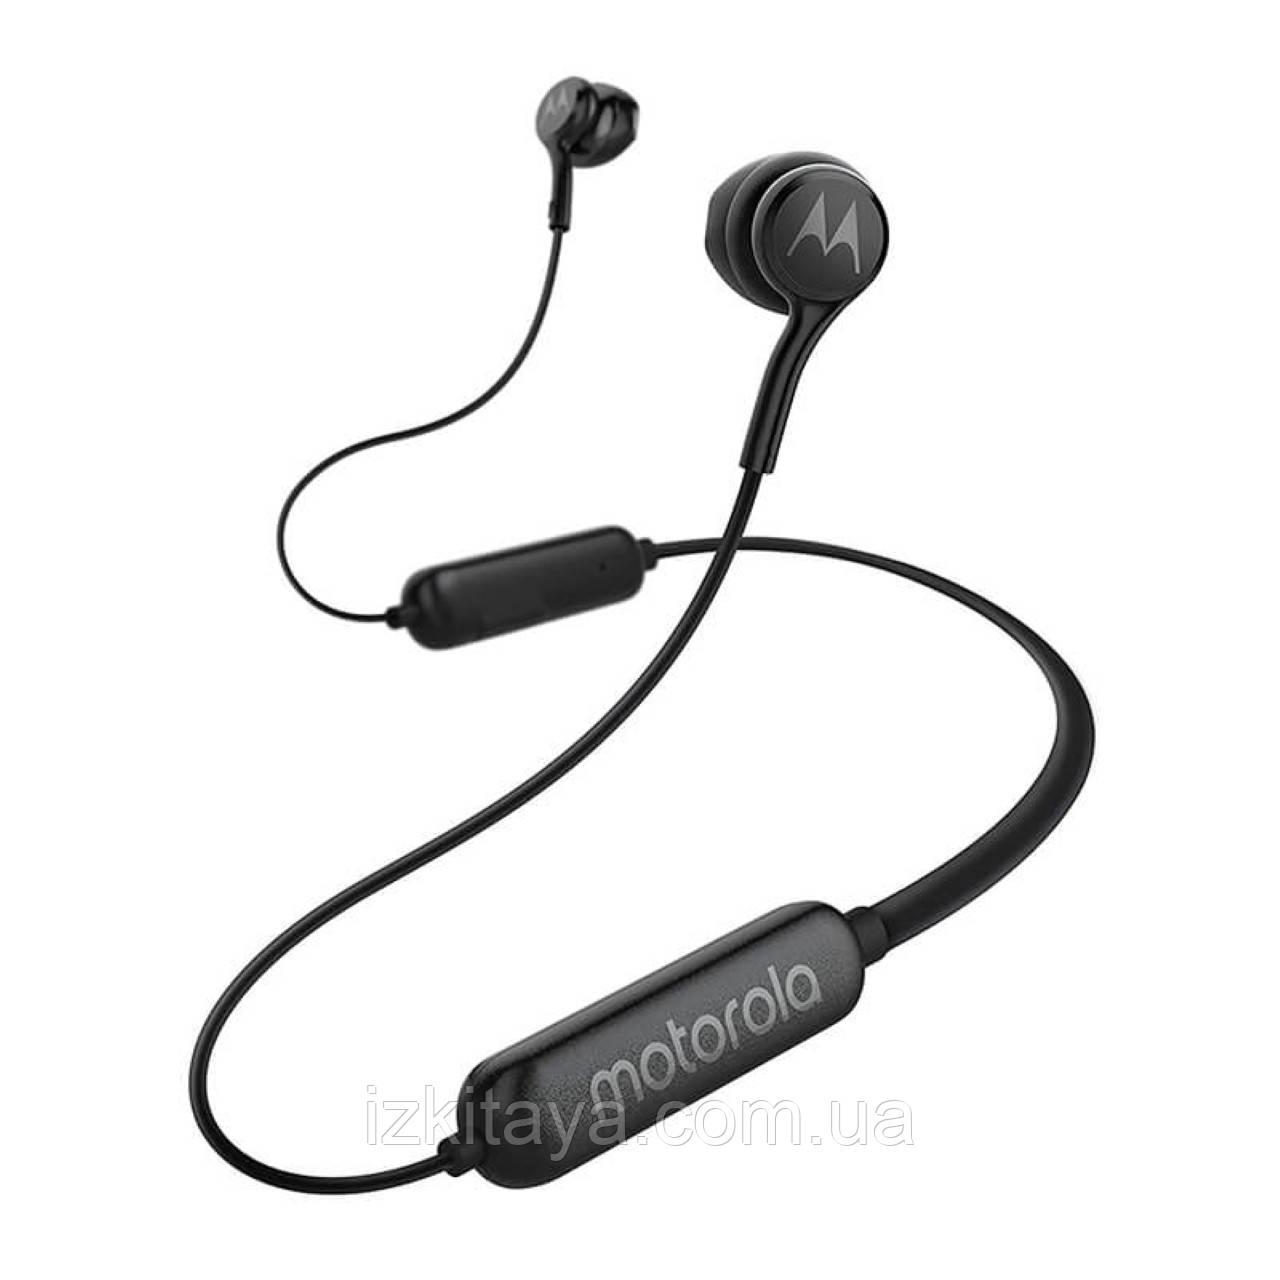 Бездротові навушники Motorola VerveRap 105 Sport black